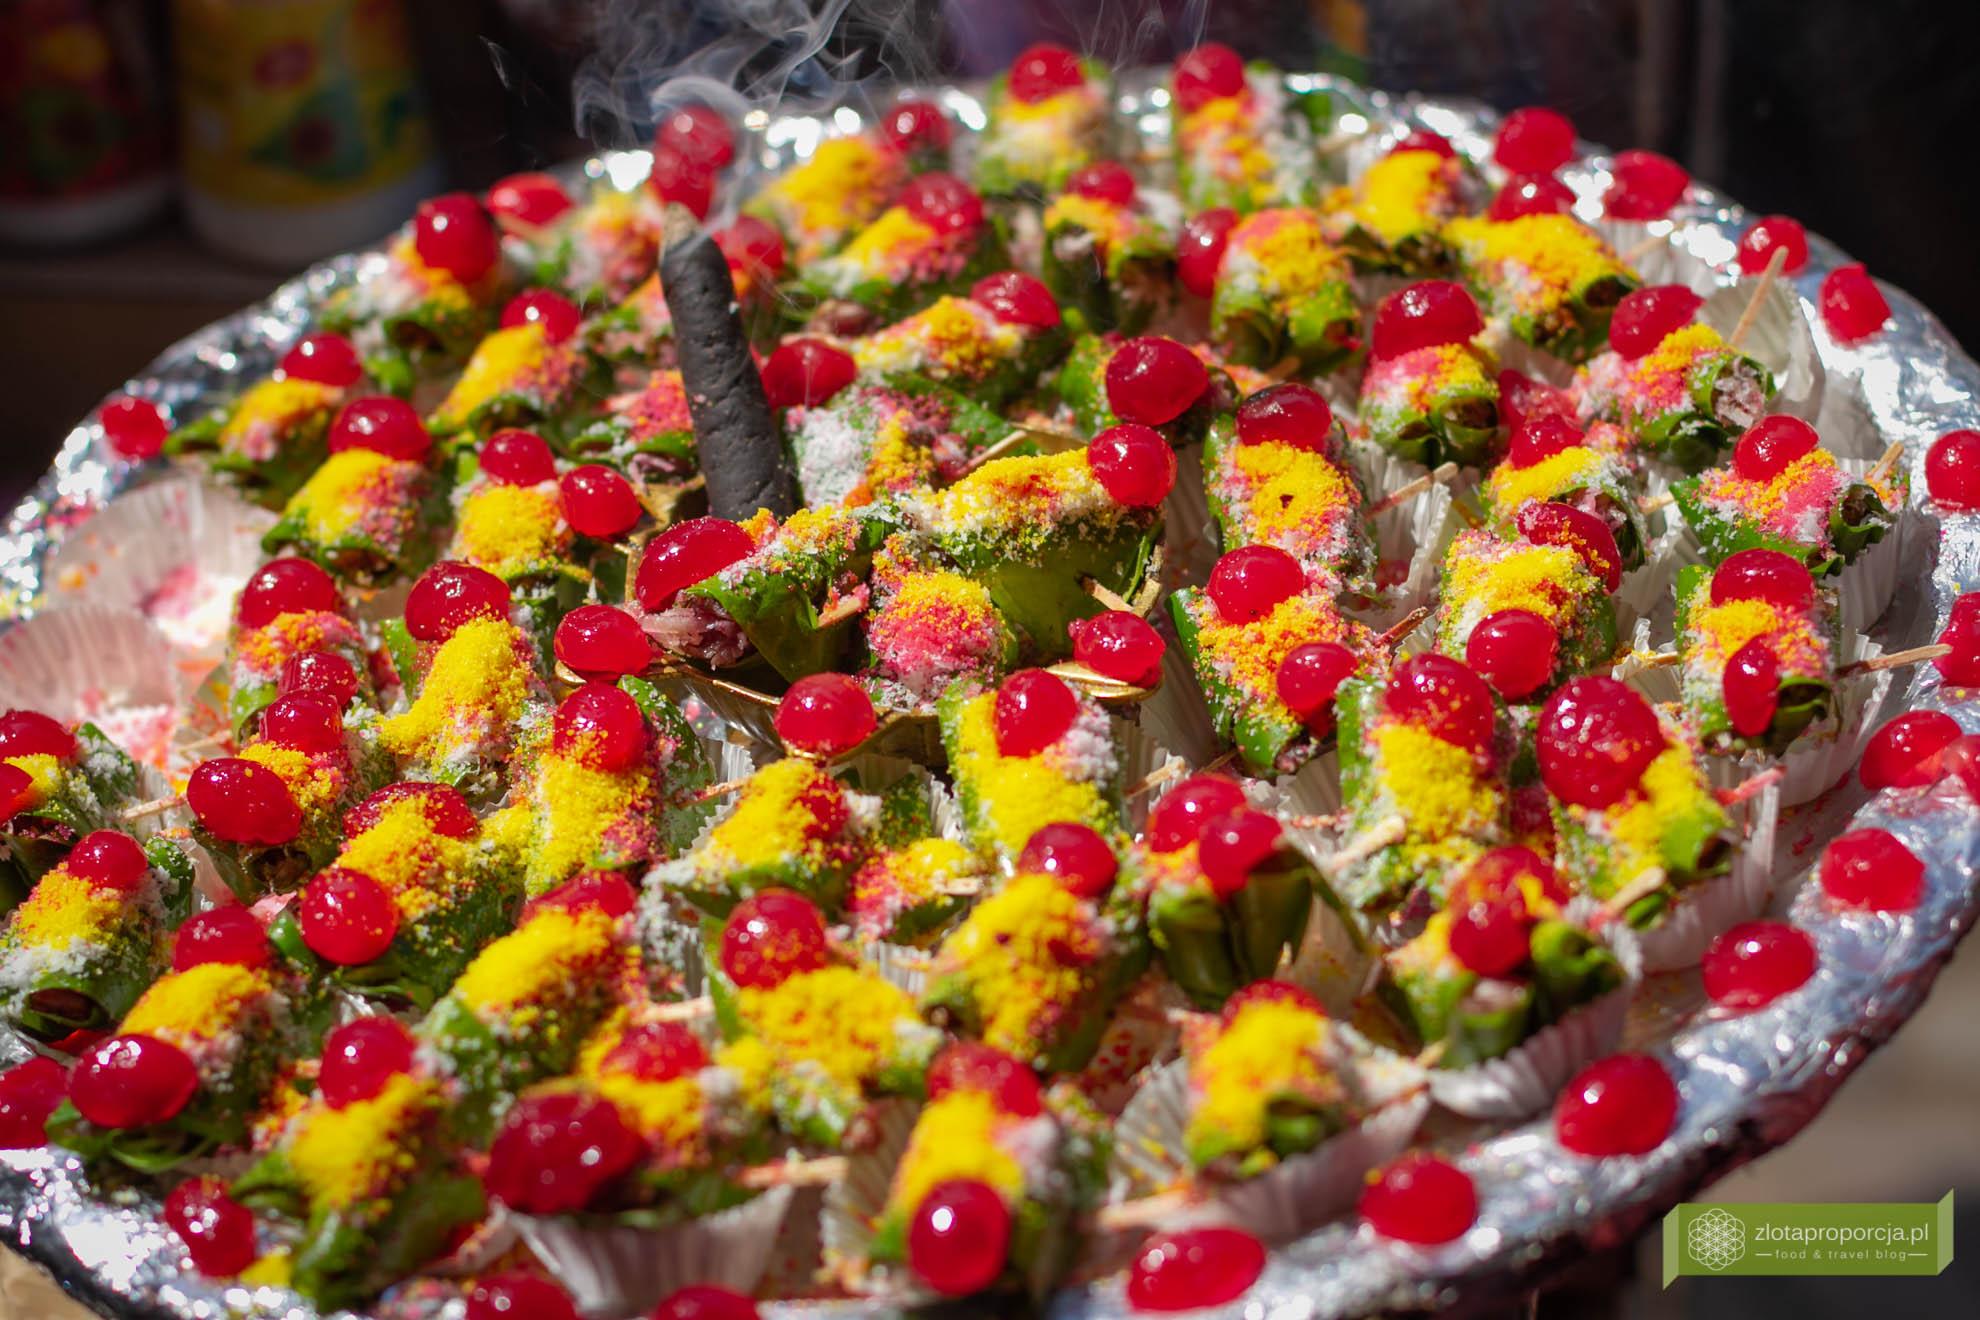 Indie, kuchnia indyjska, indyjskie potrawy